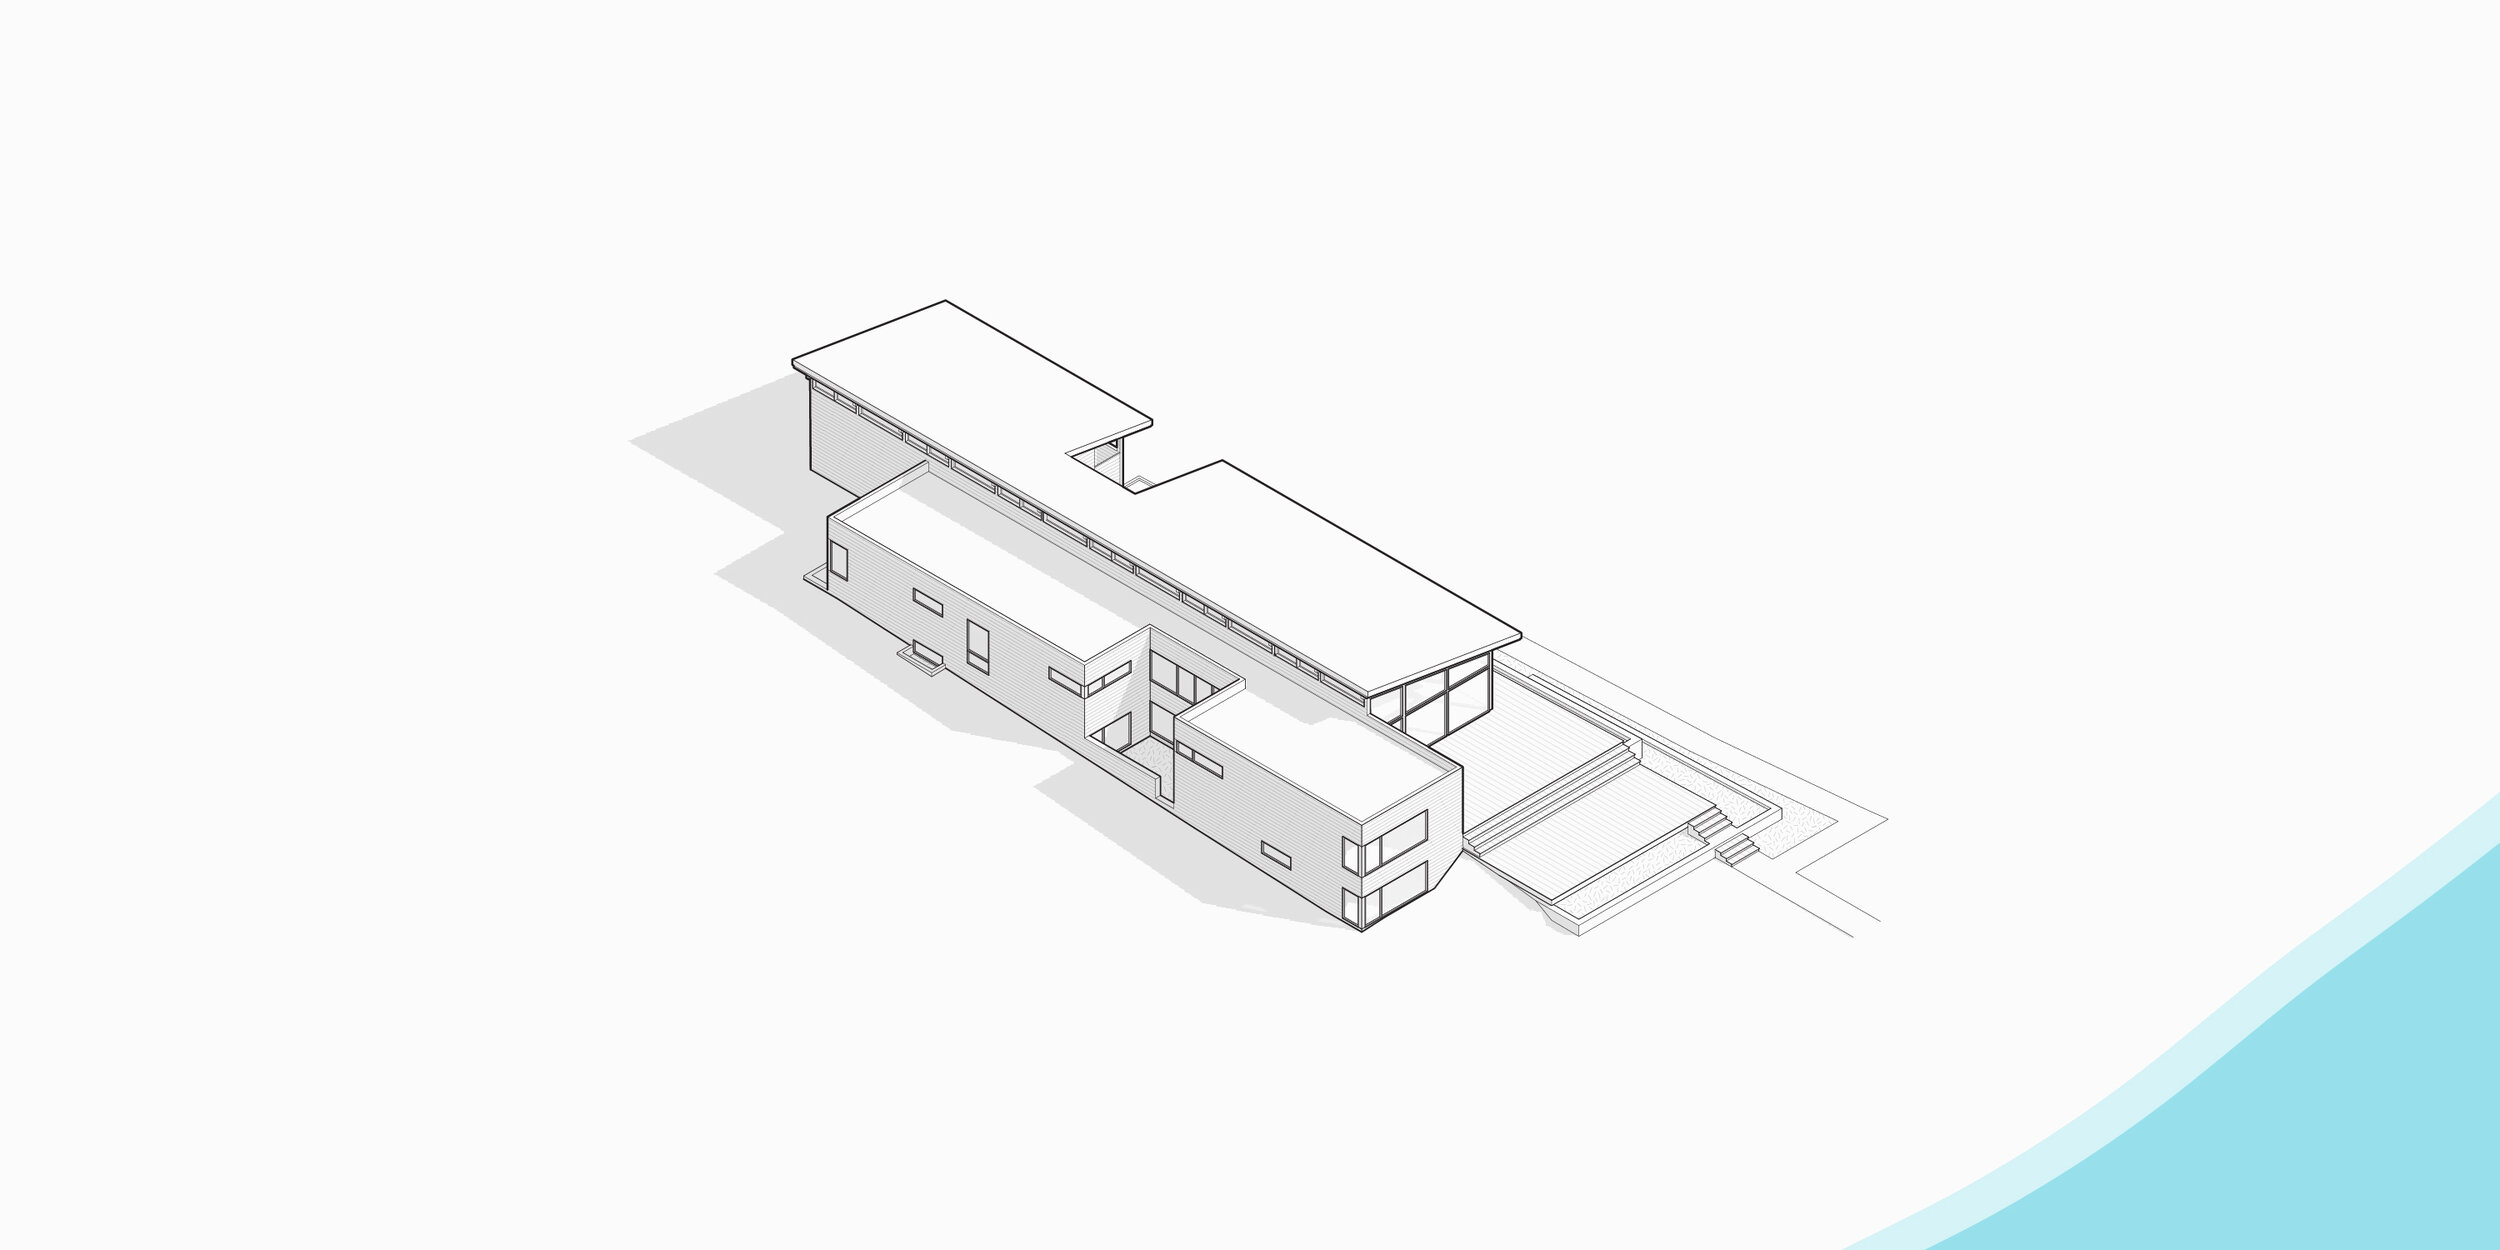 Diagram of the Higgins Lake House (Photo courtesy of Jeff Jordan Architects)